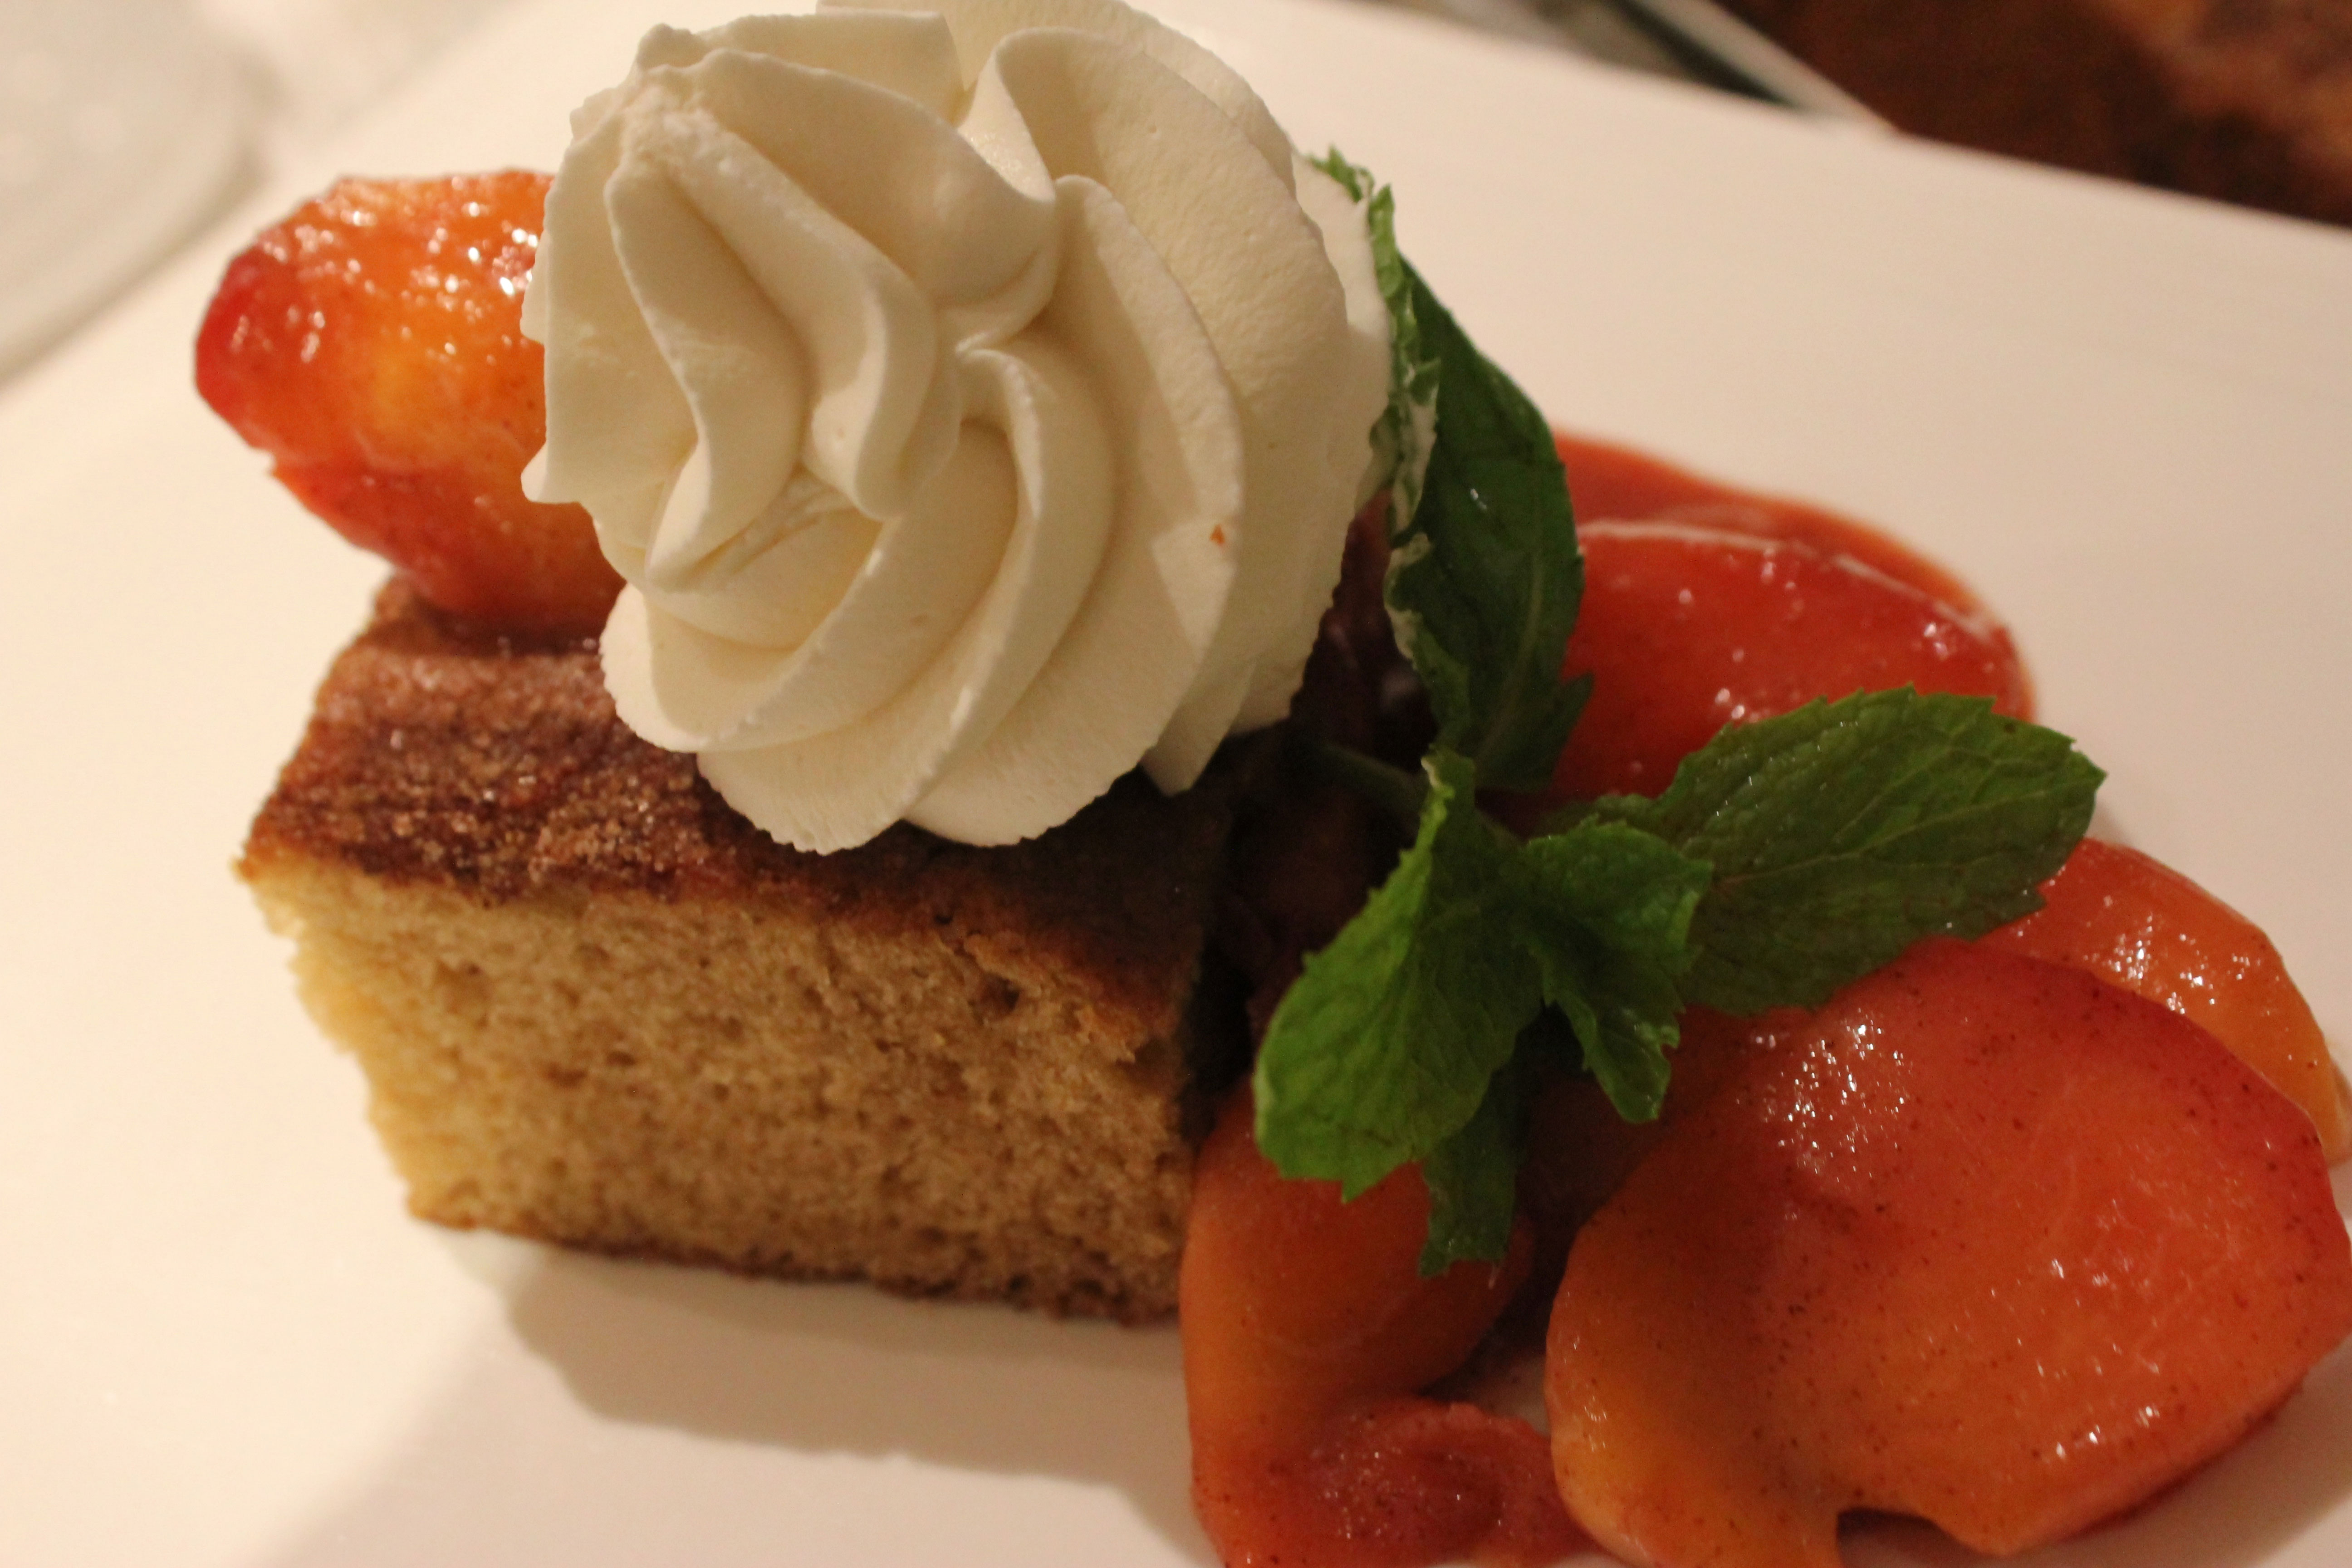 Summer Spiced Cake with Sautéed Peaches